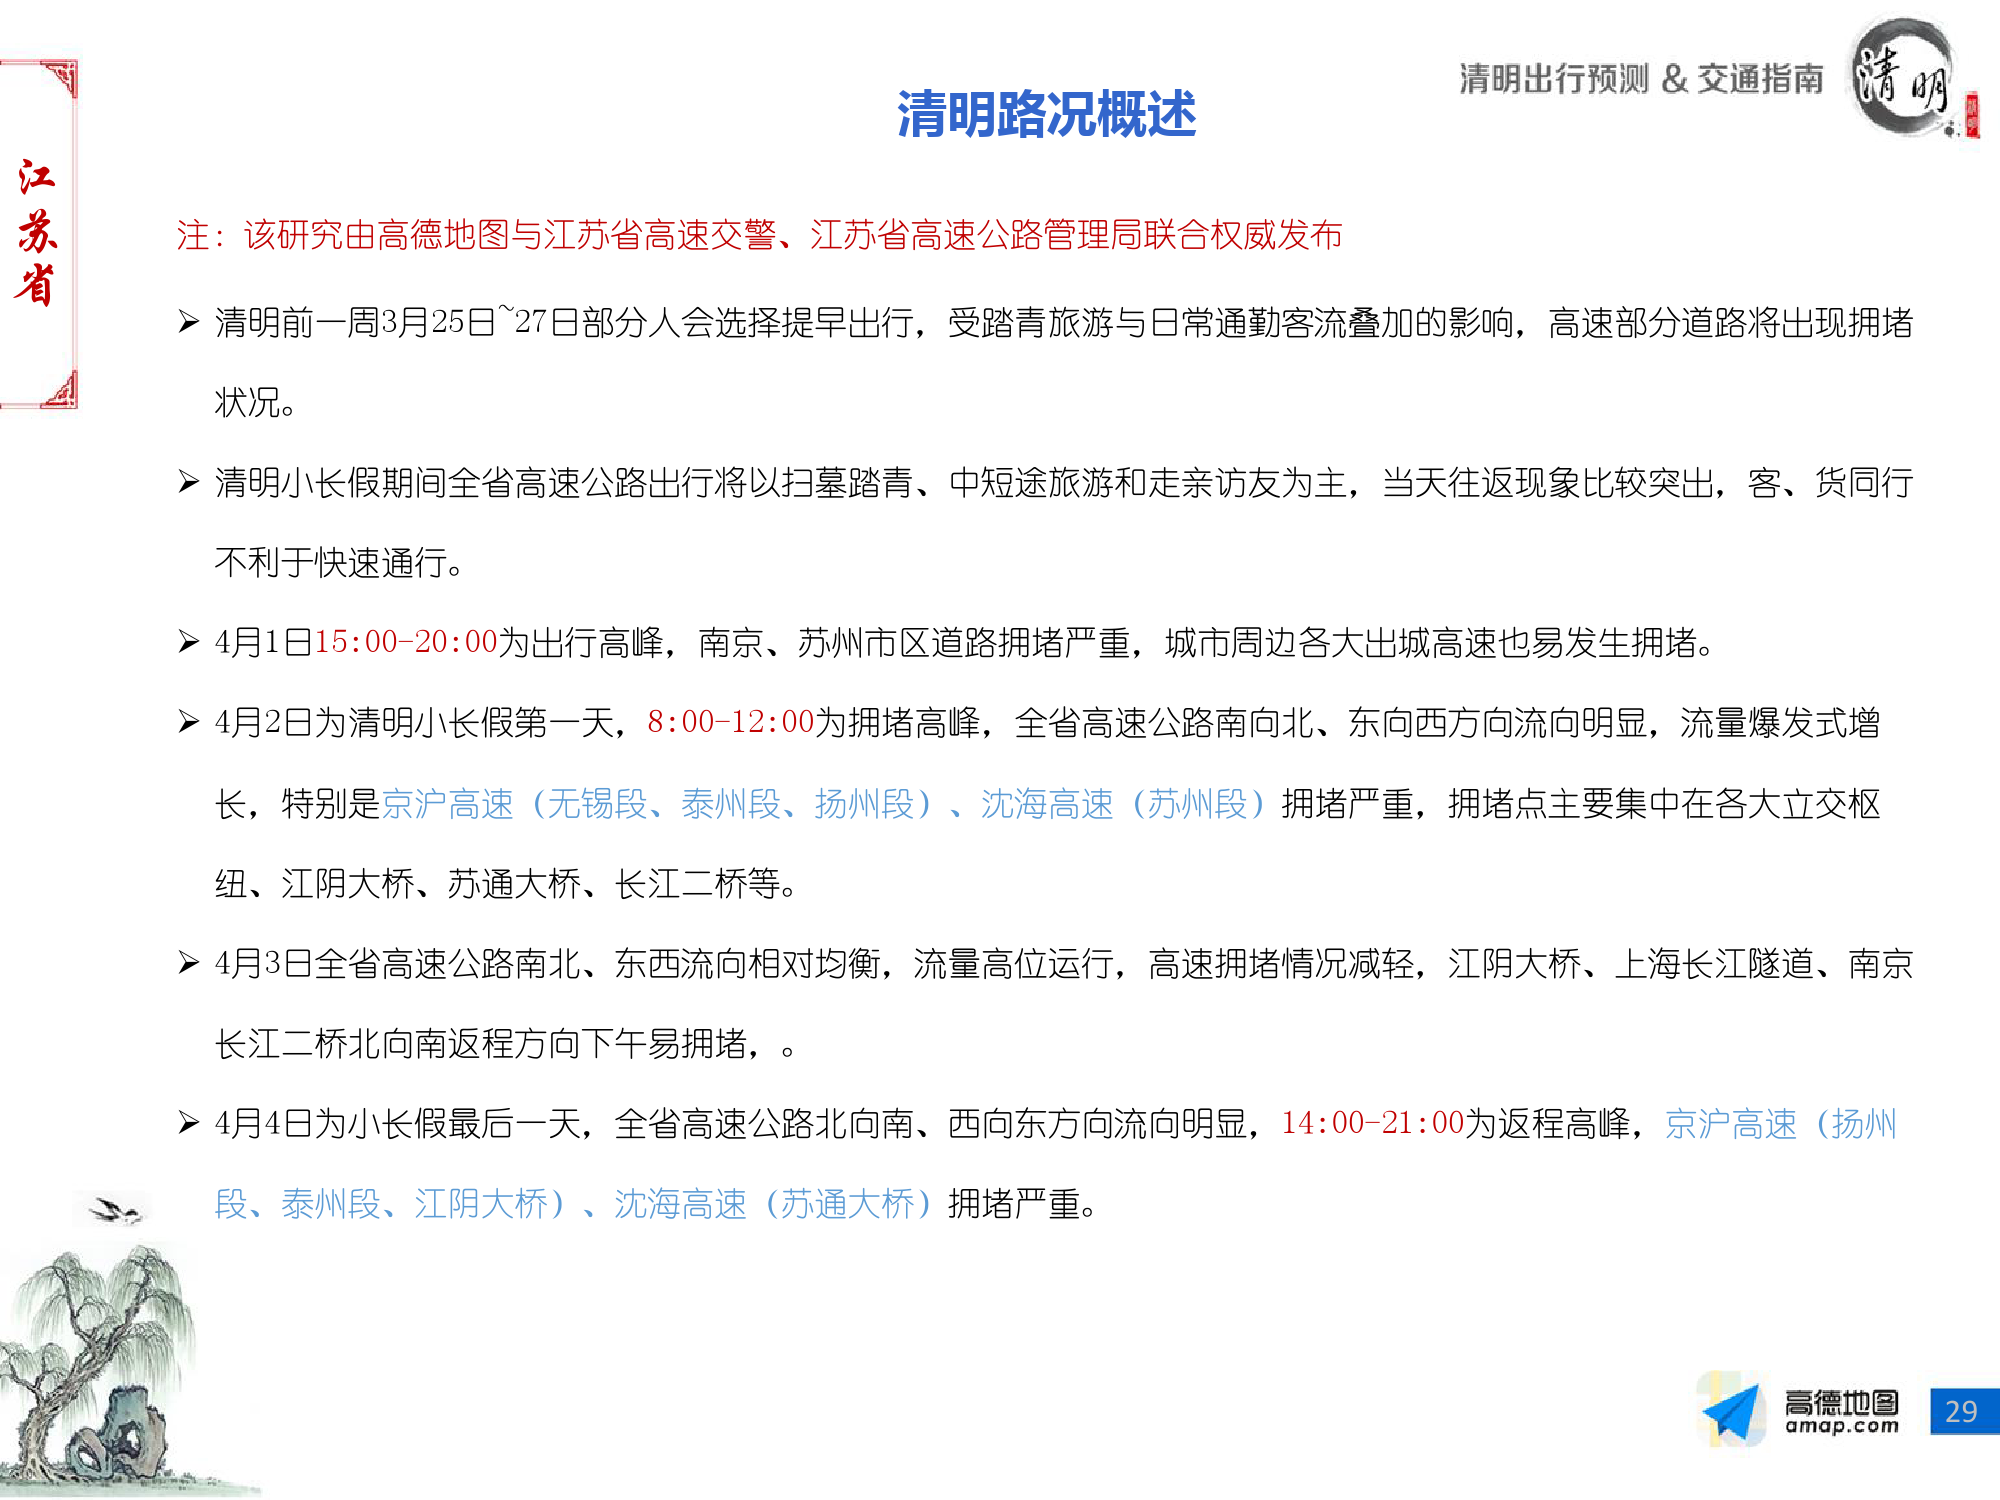 2016年清明节出行预测报告-final_000029